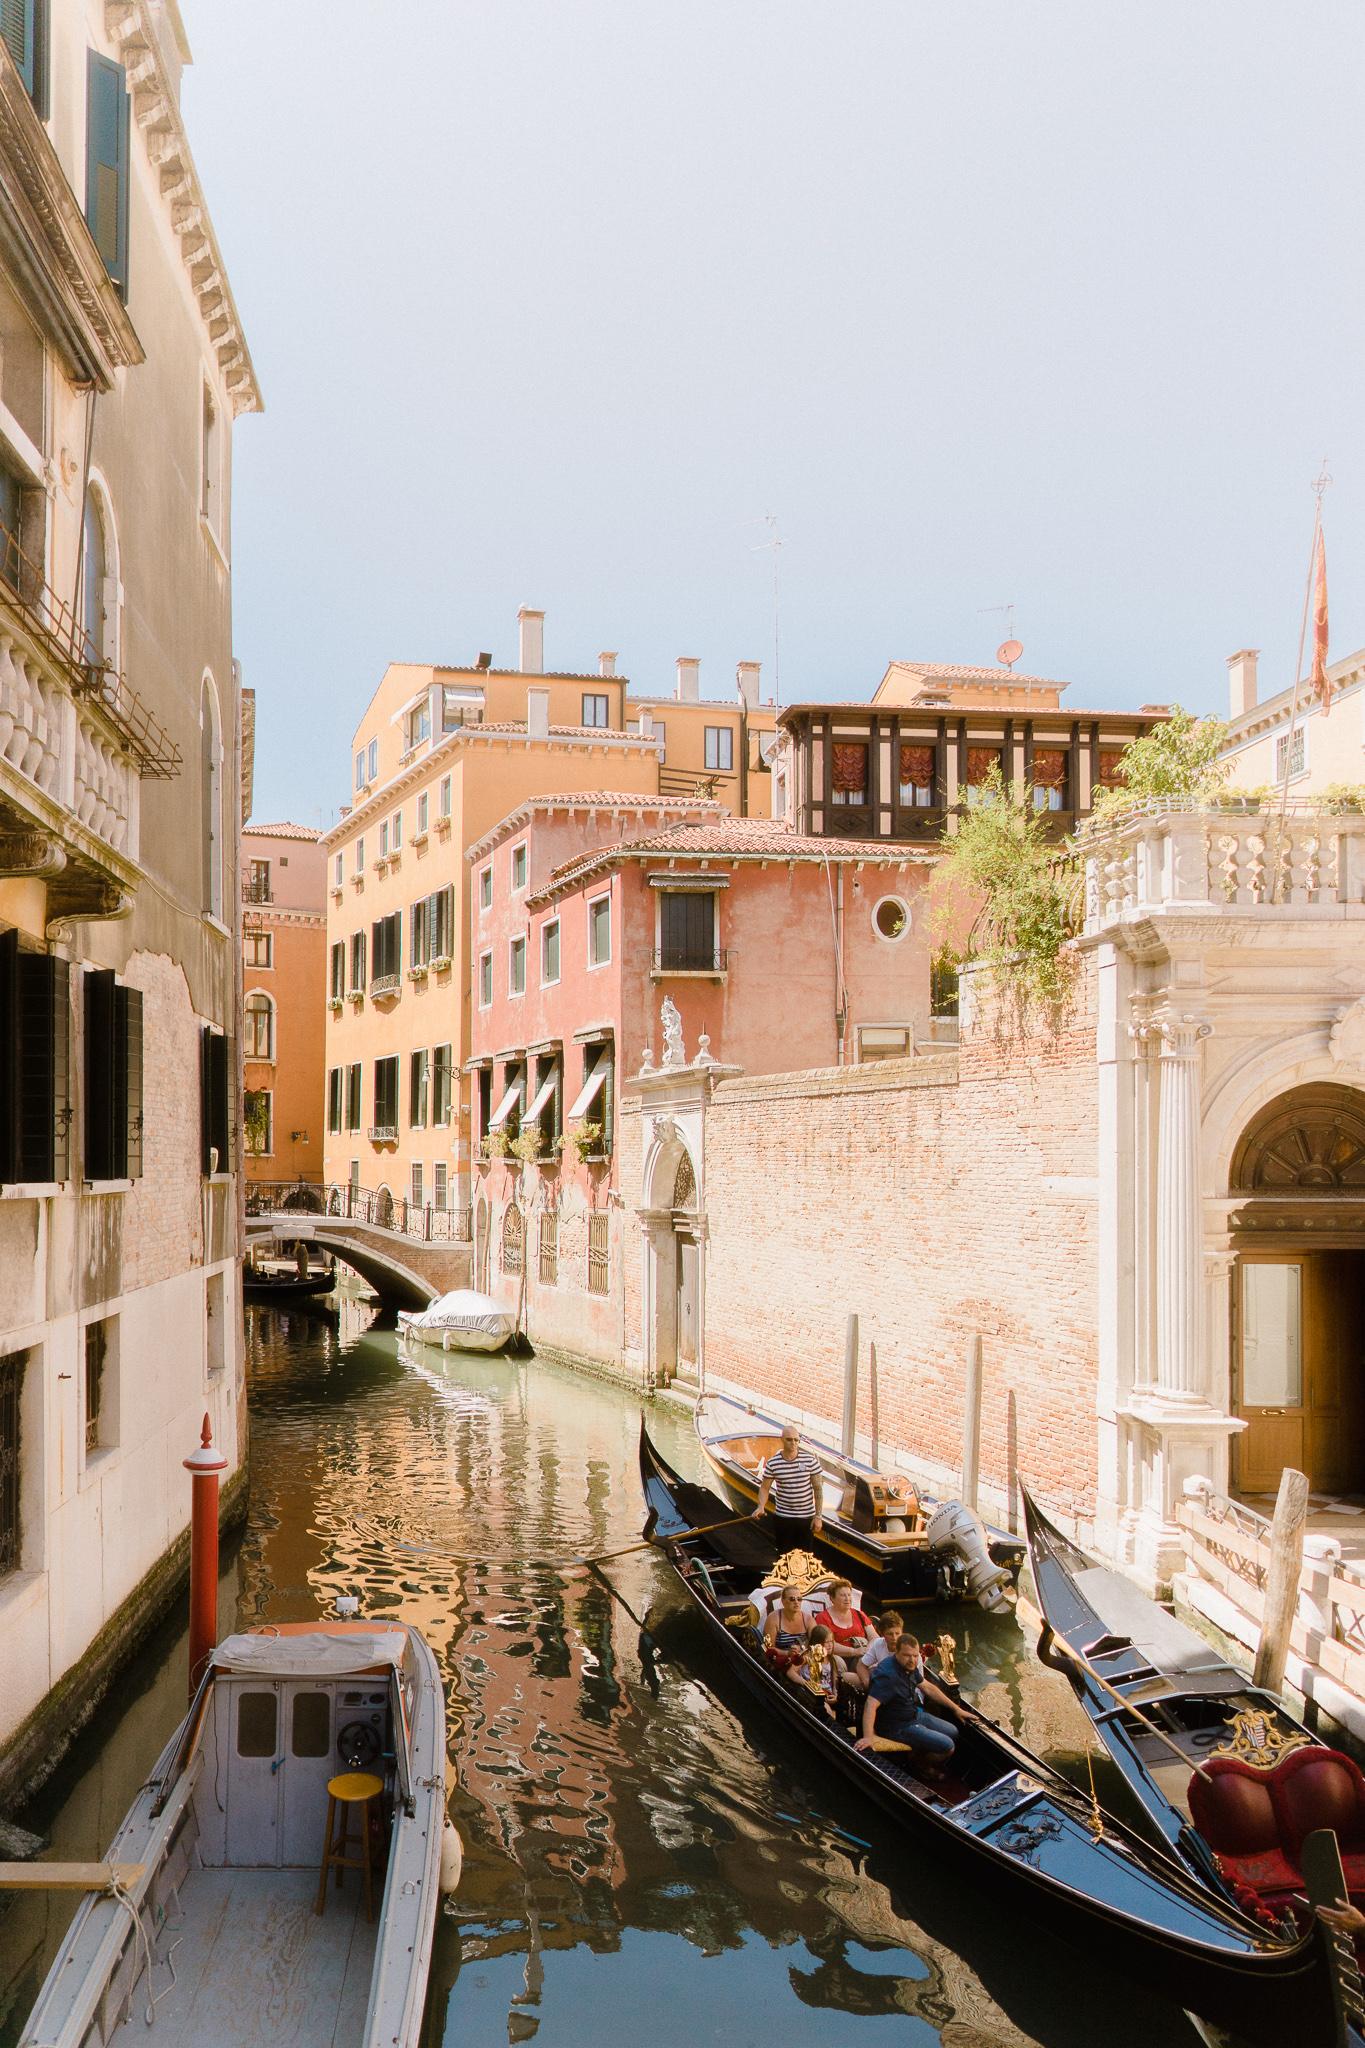 Venice-Burano-Italy-25.jpg